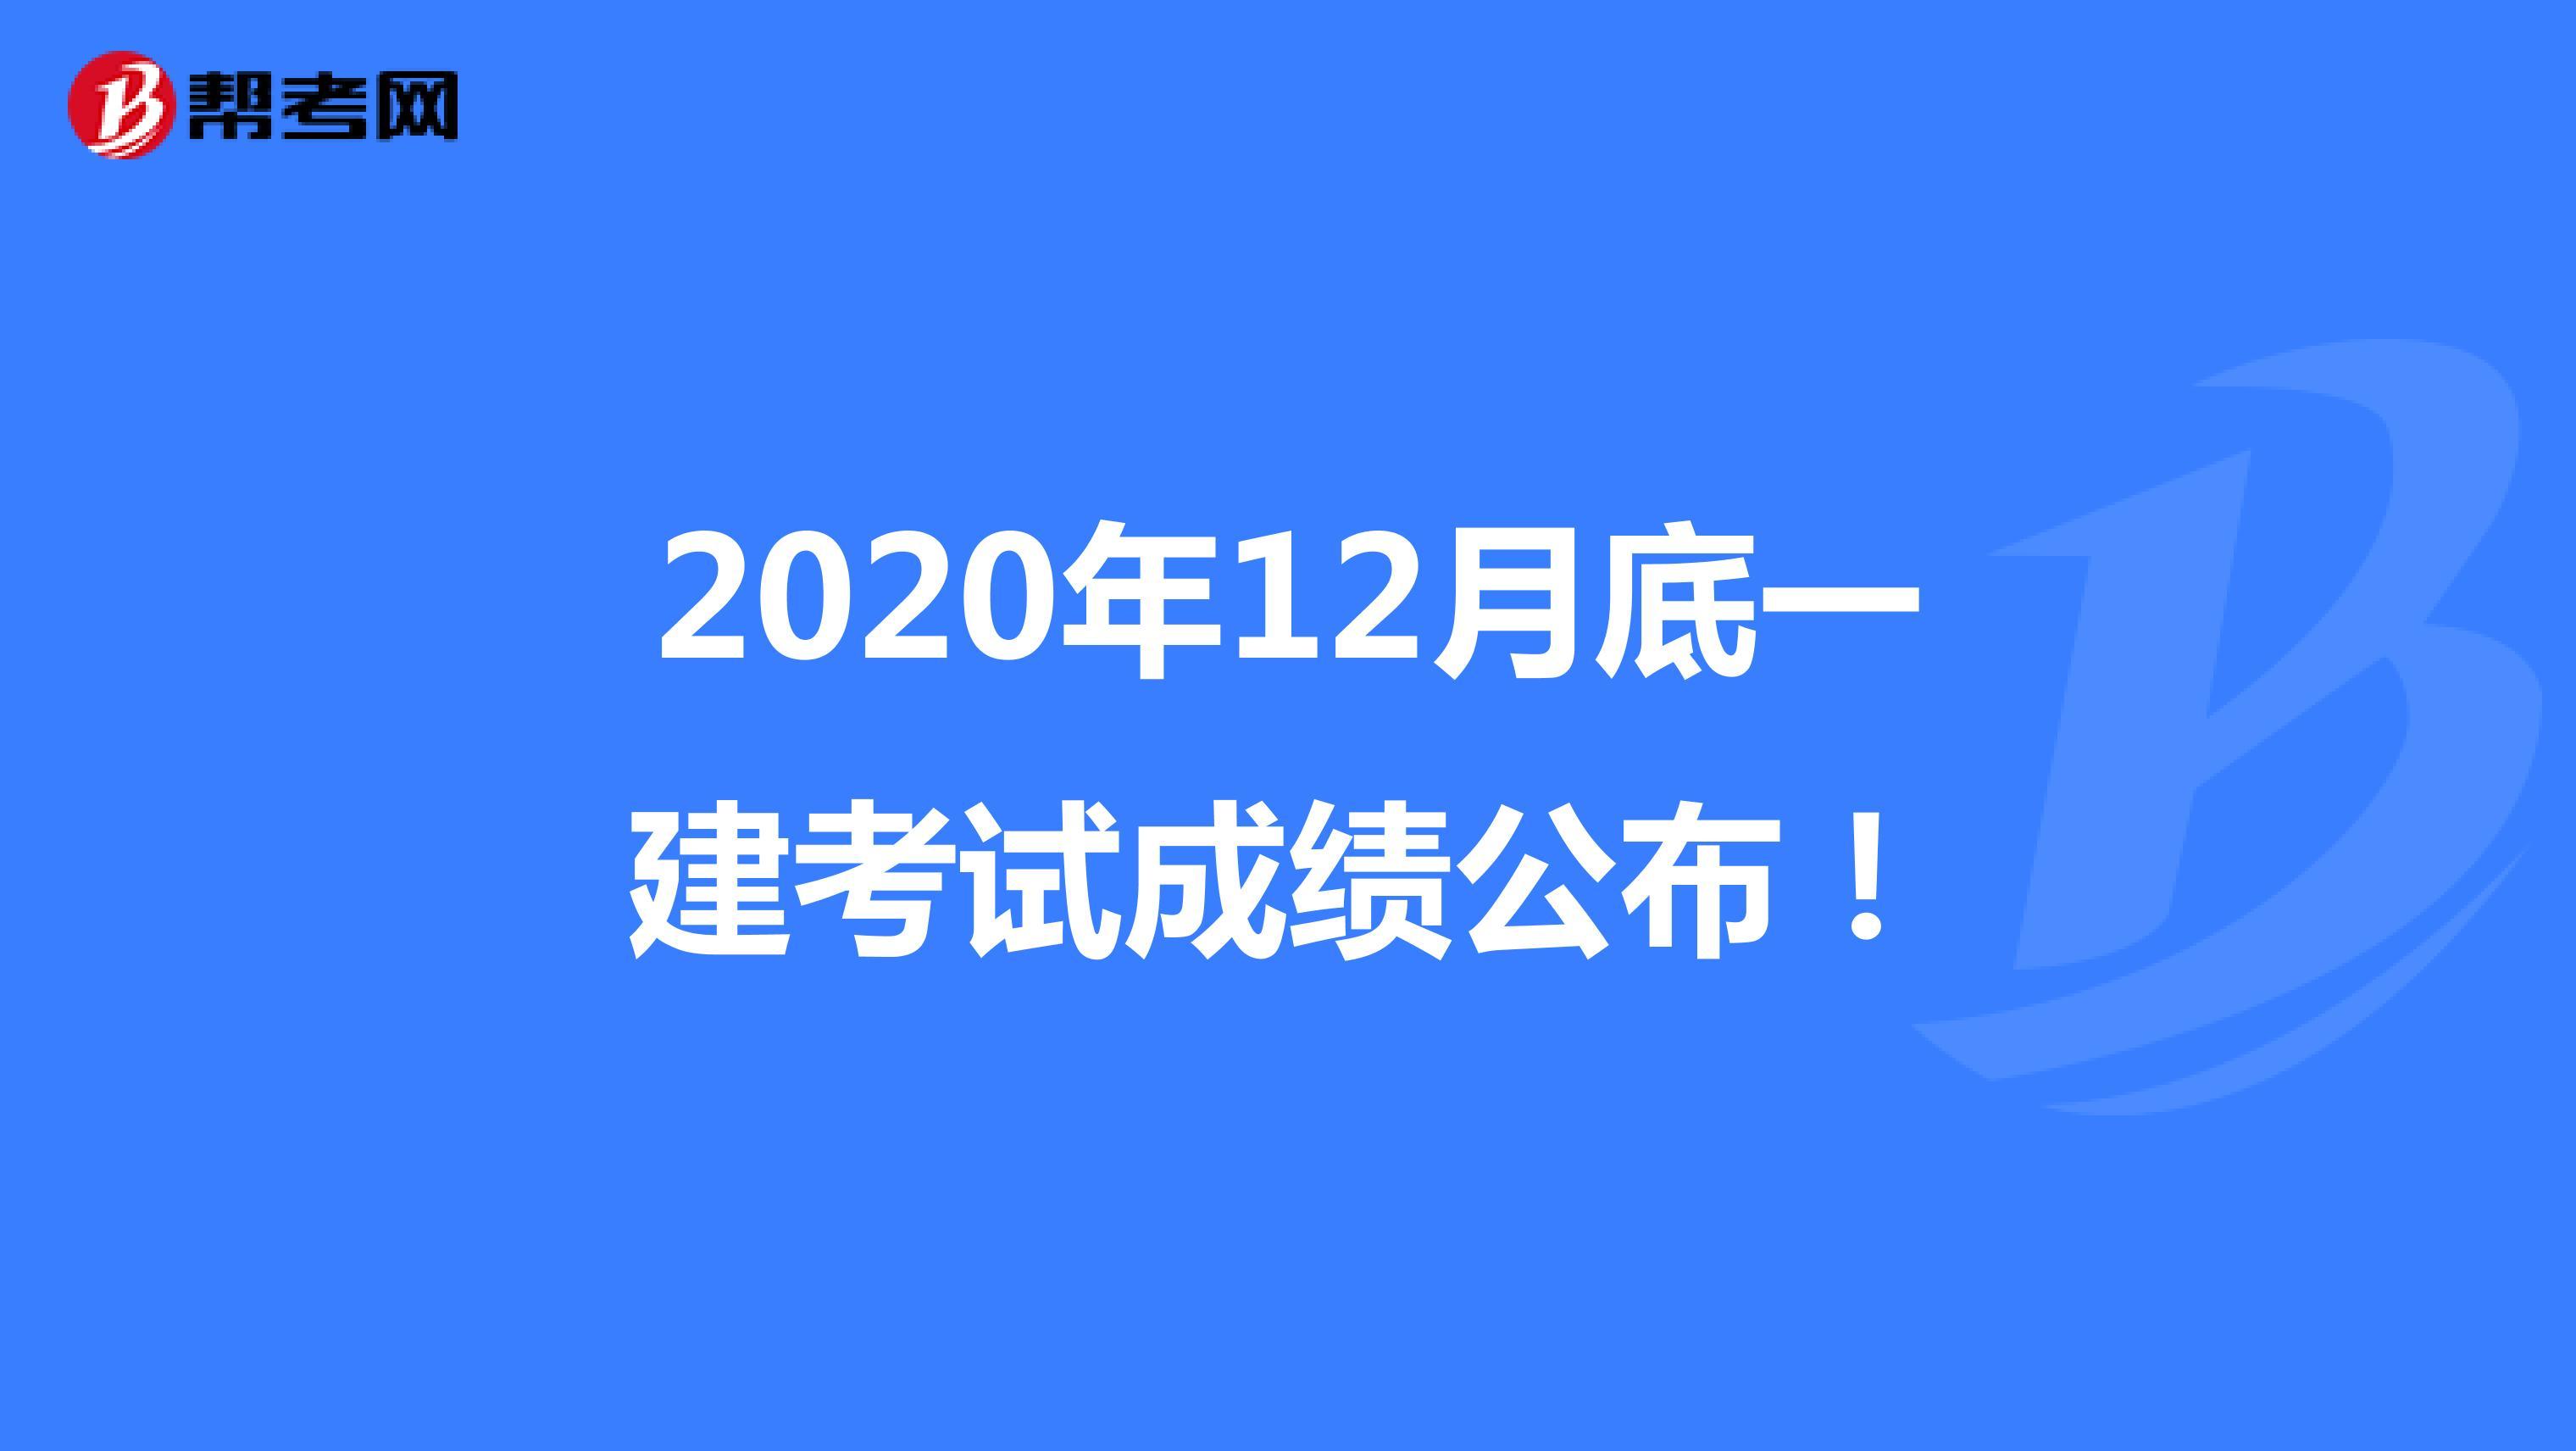 2020年12月底一建雷火电竞公布!